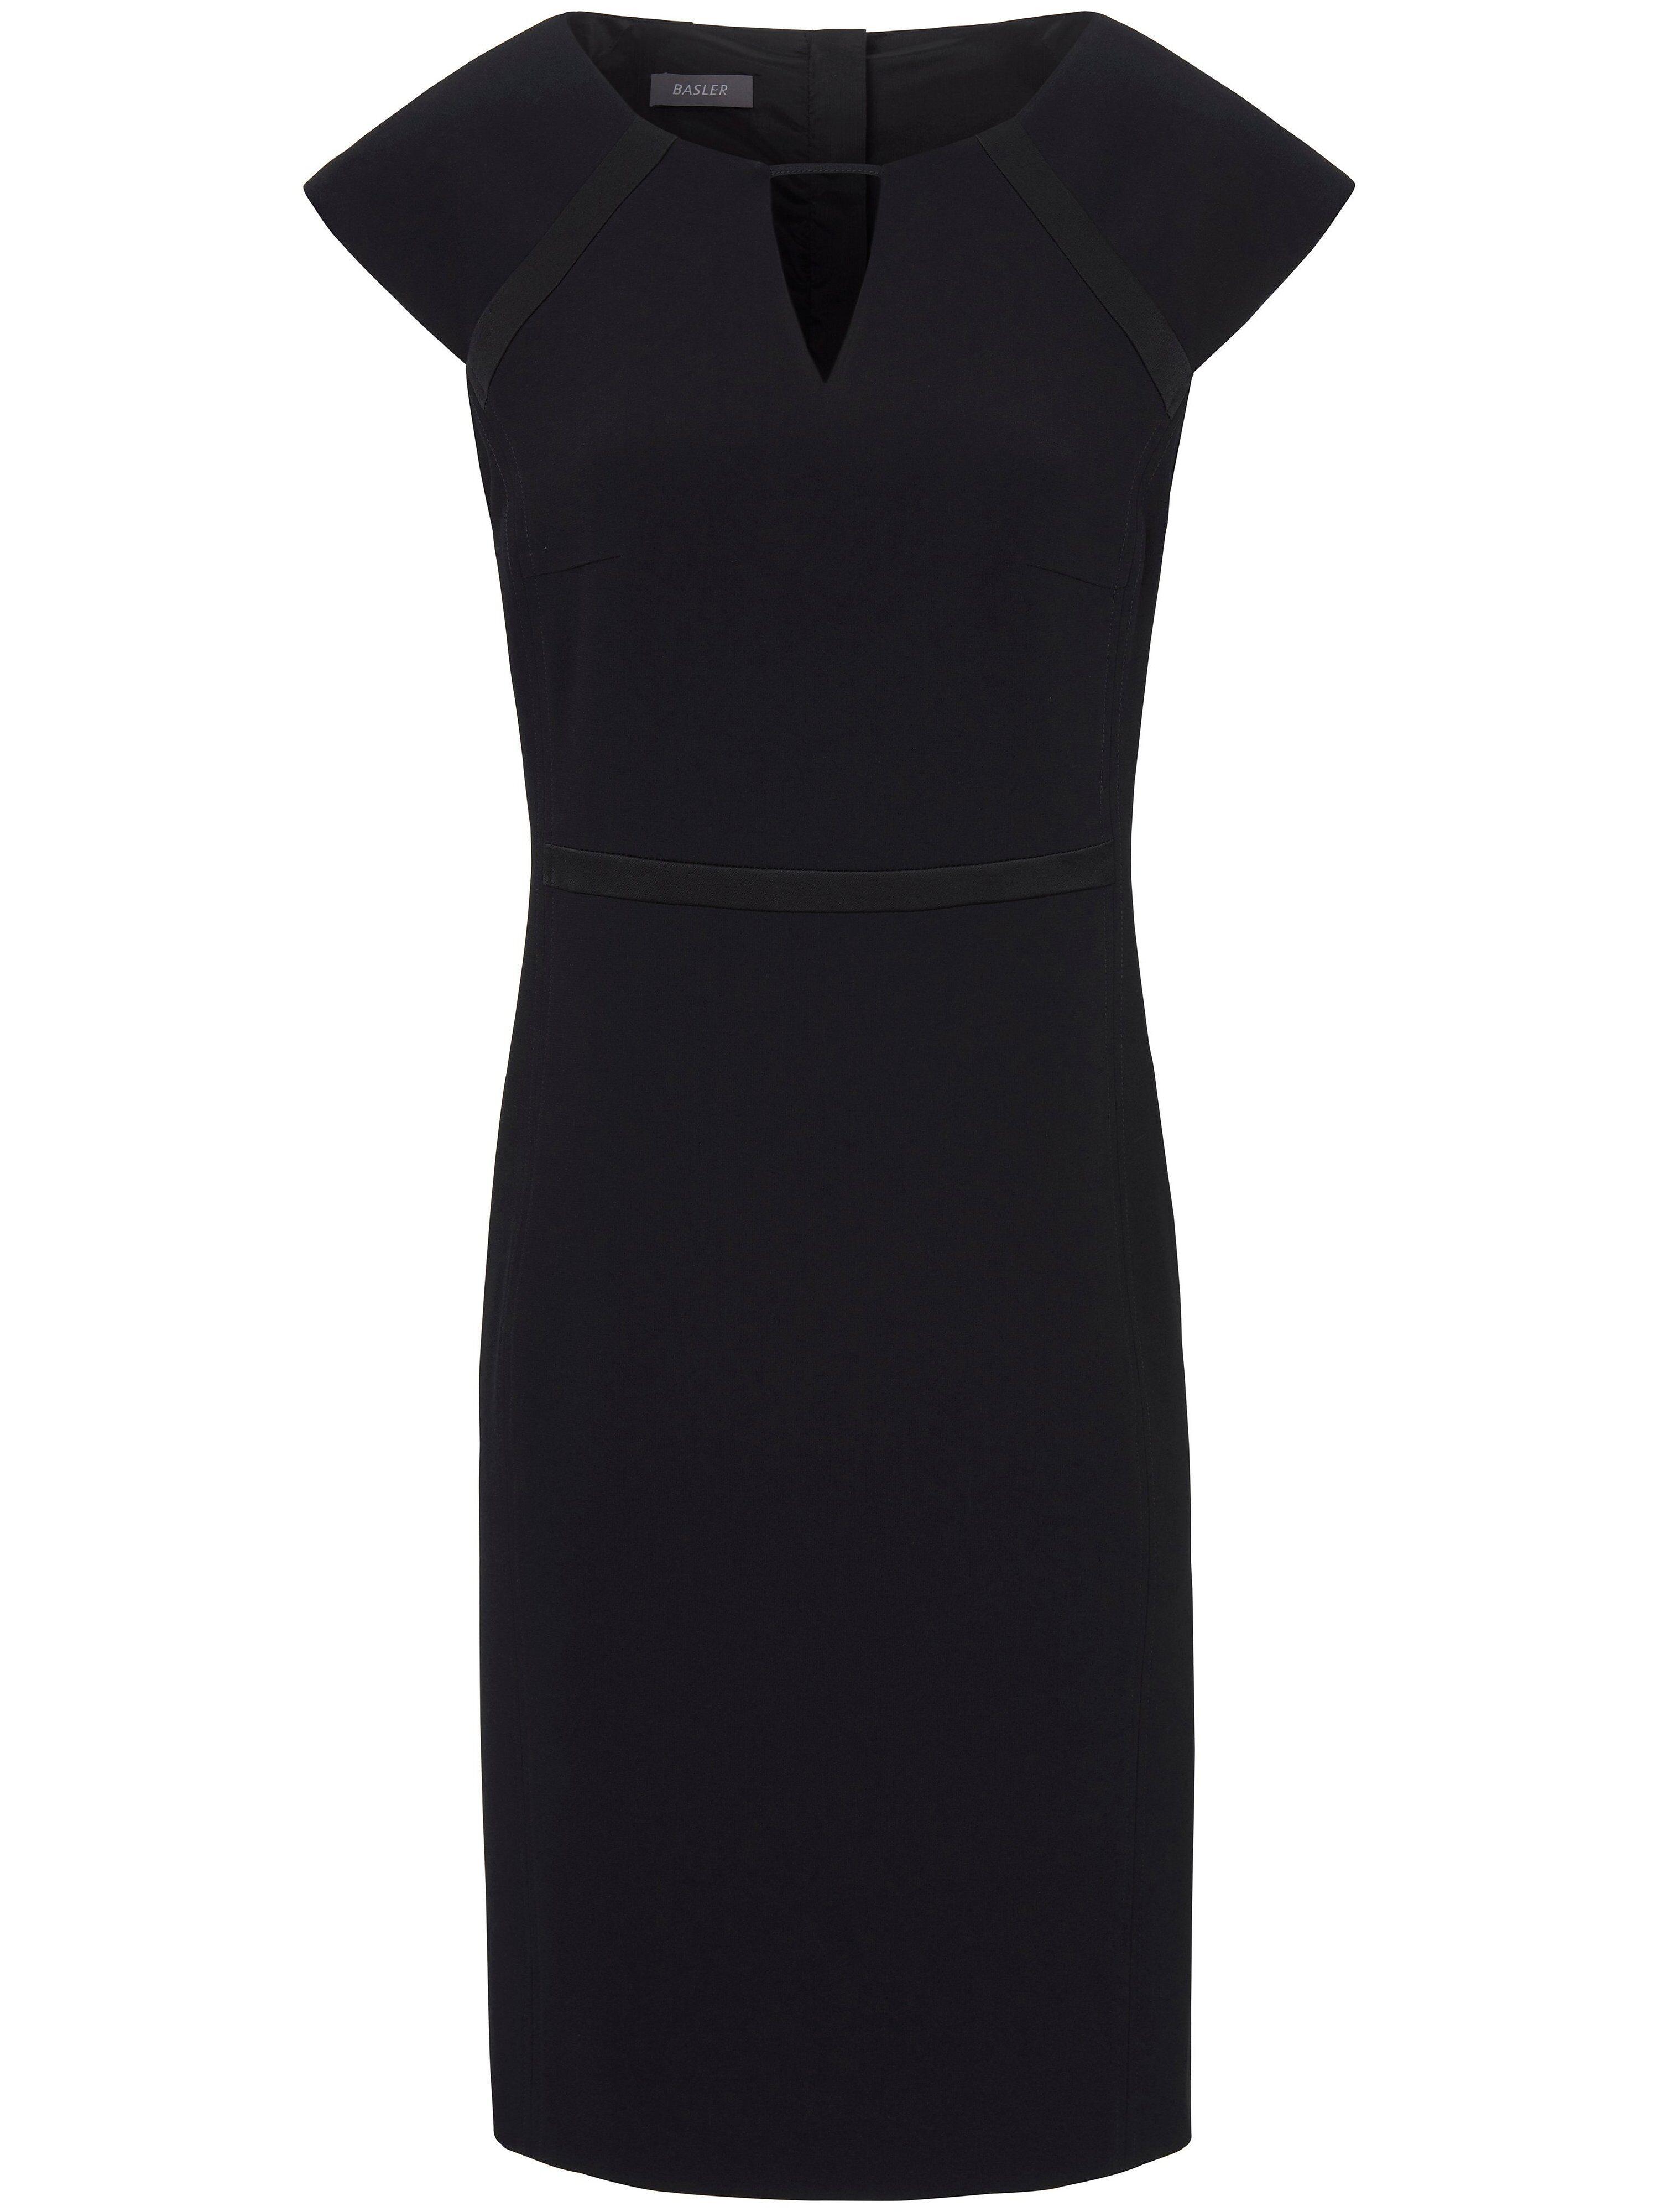 Basler La robe ligne crayon  Basler noir  - Femme - 40